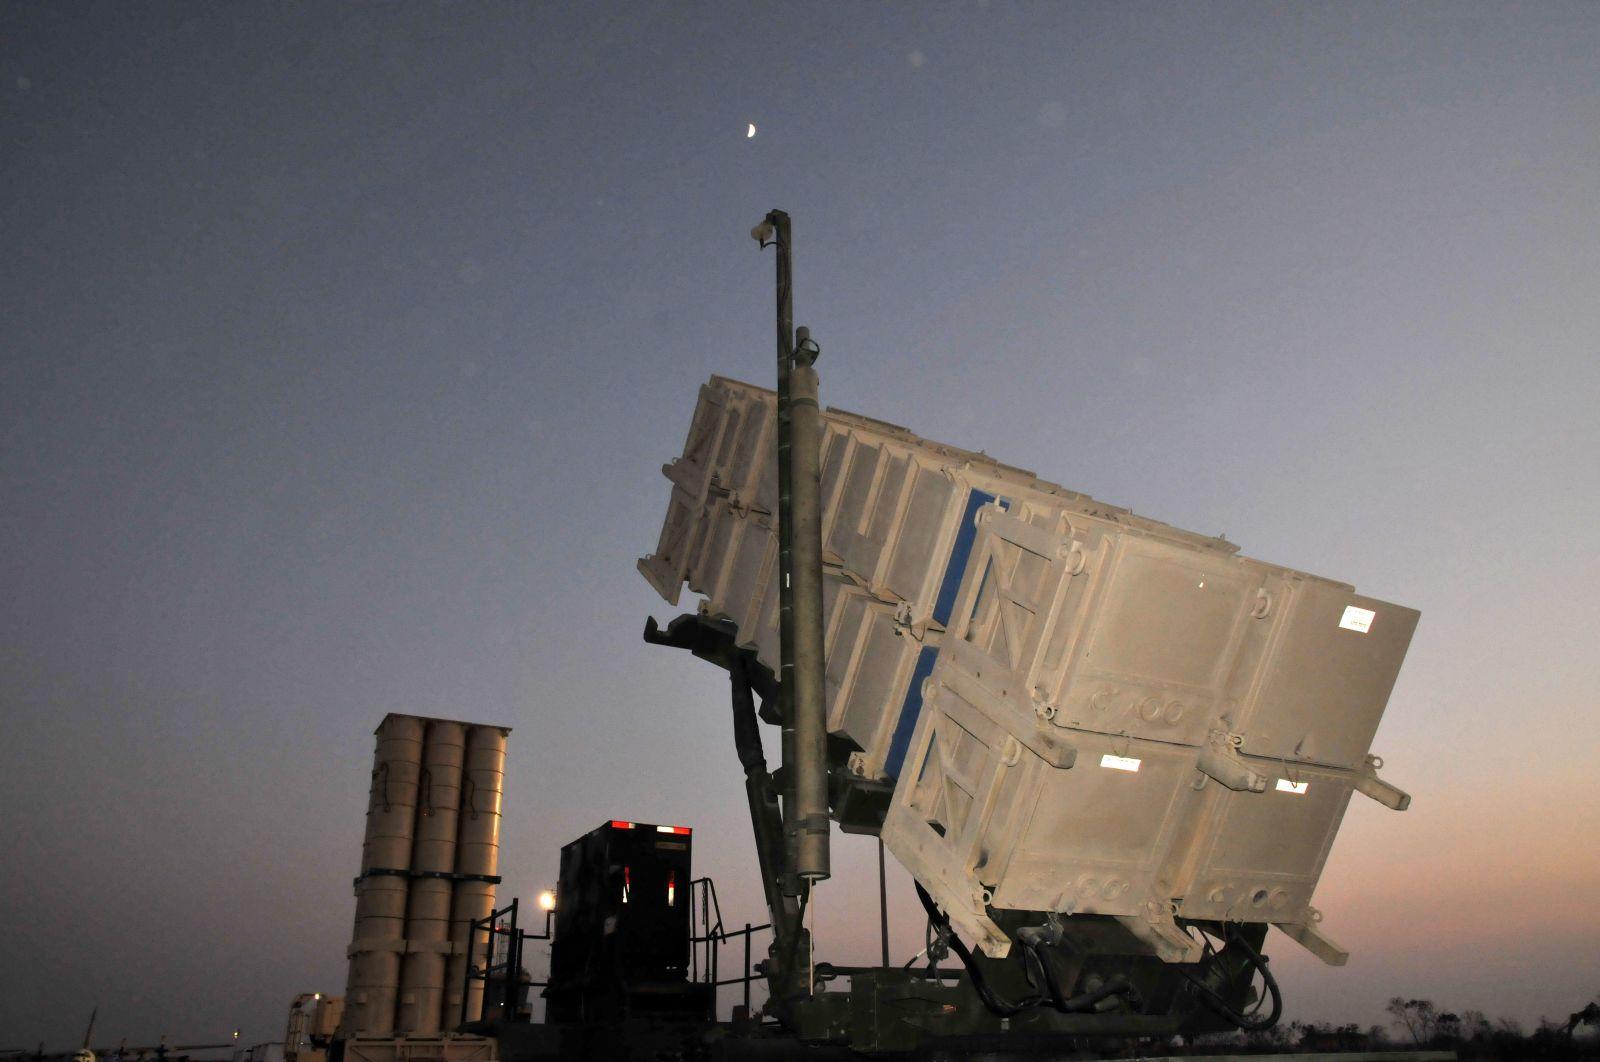 """إسرائيل ستنشر منظومة """"العصا السحرية"""" المضادة للصواريخ أوائل الشهر المقبل"""